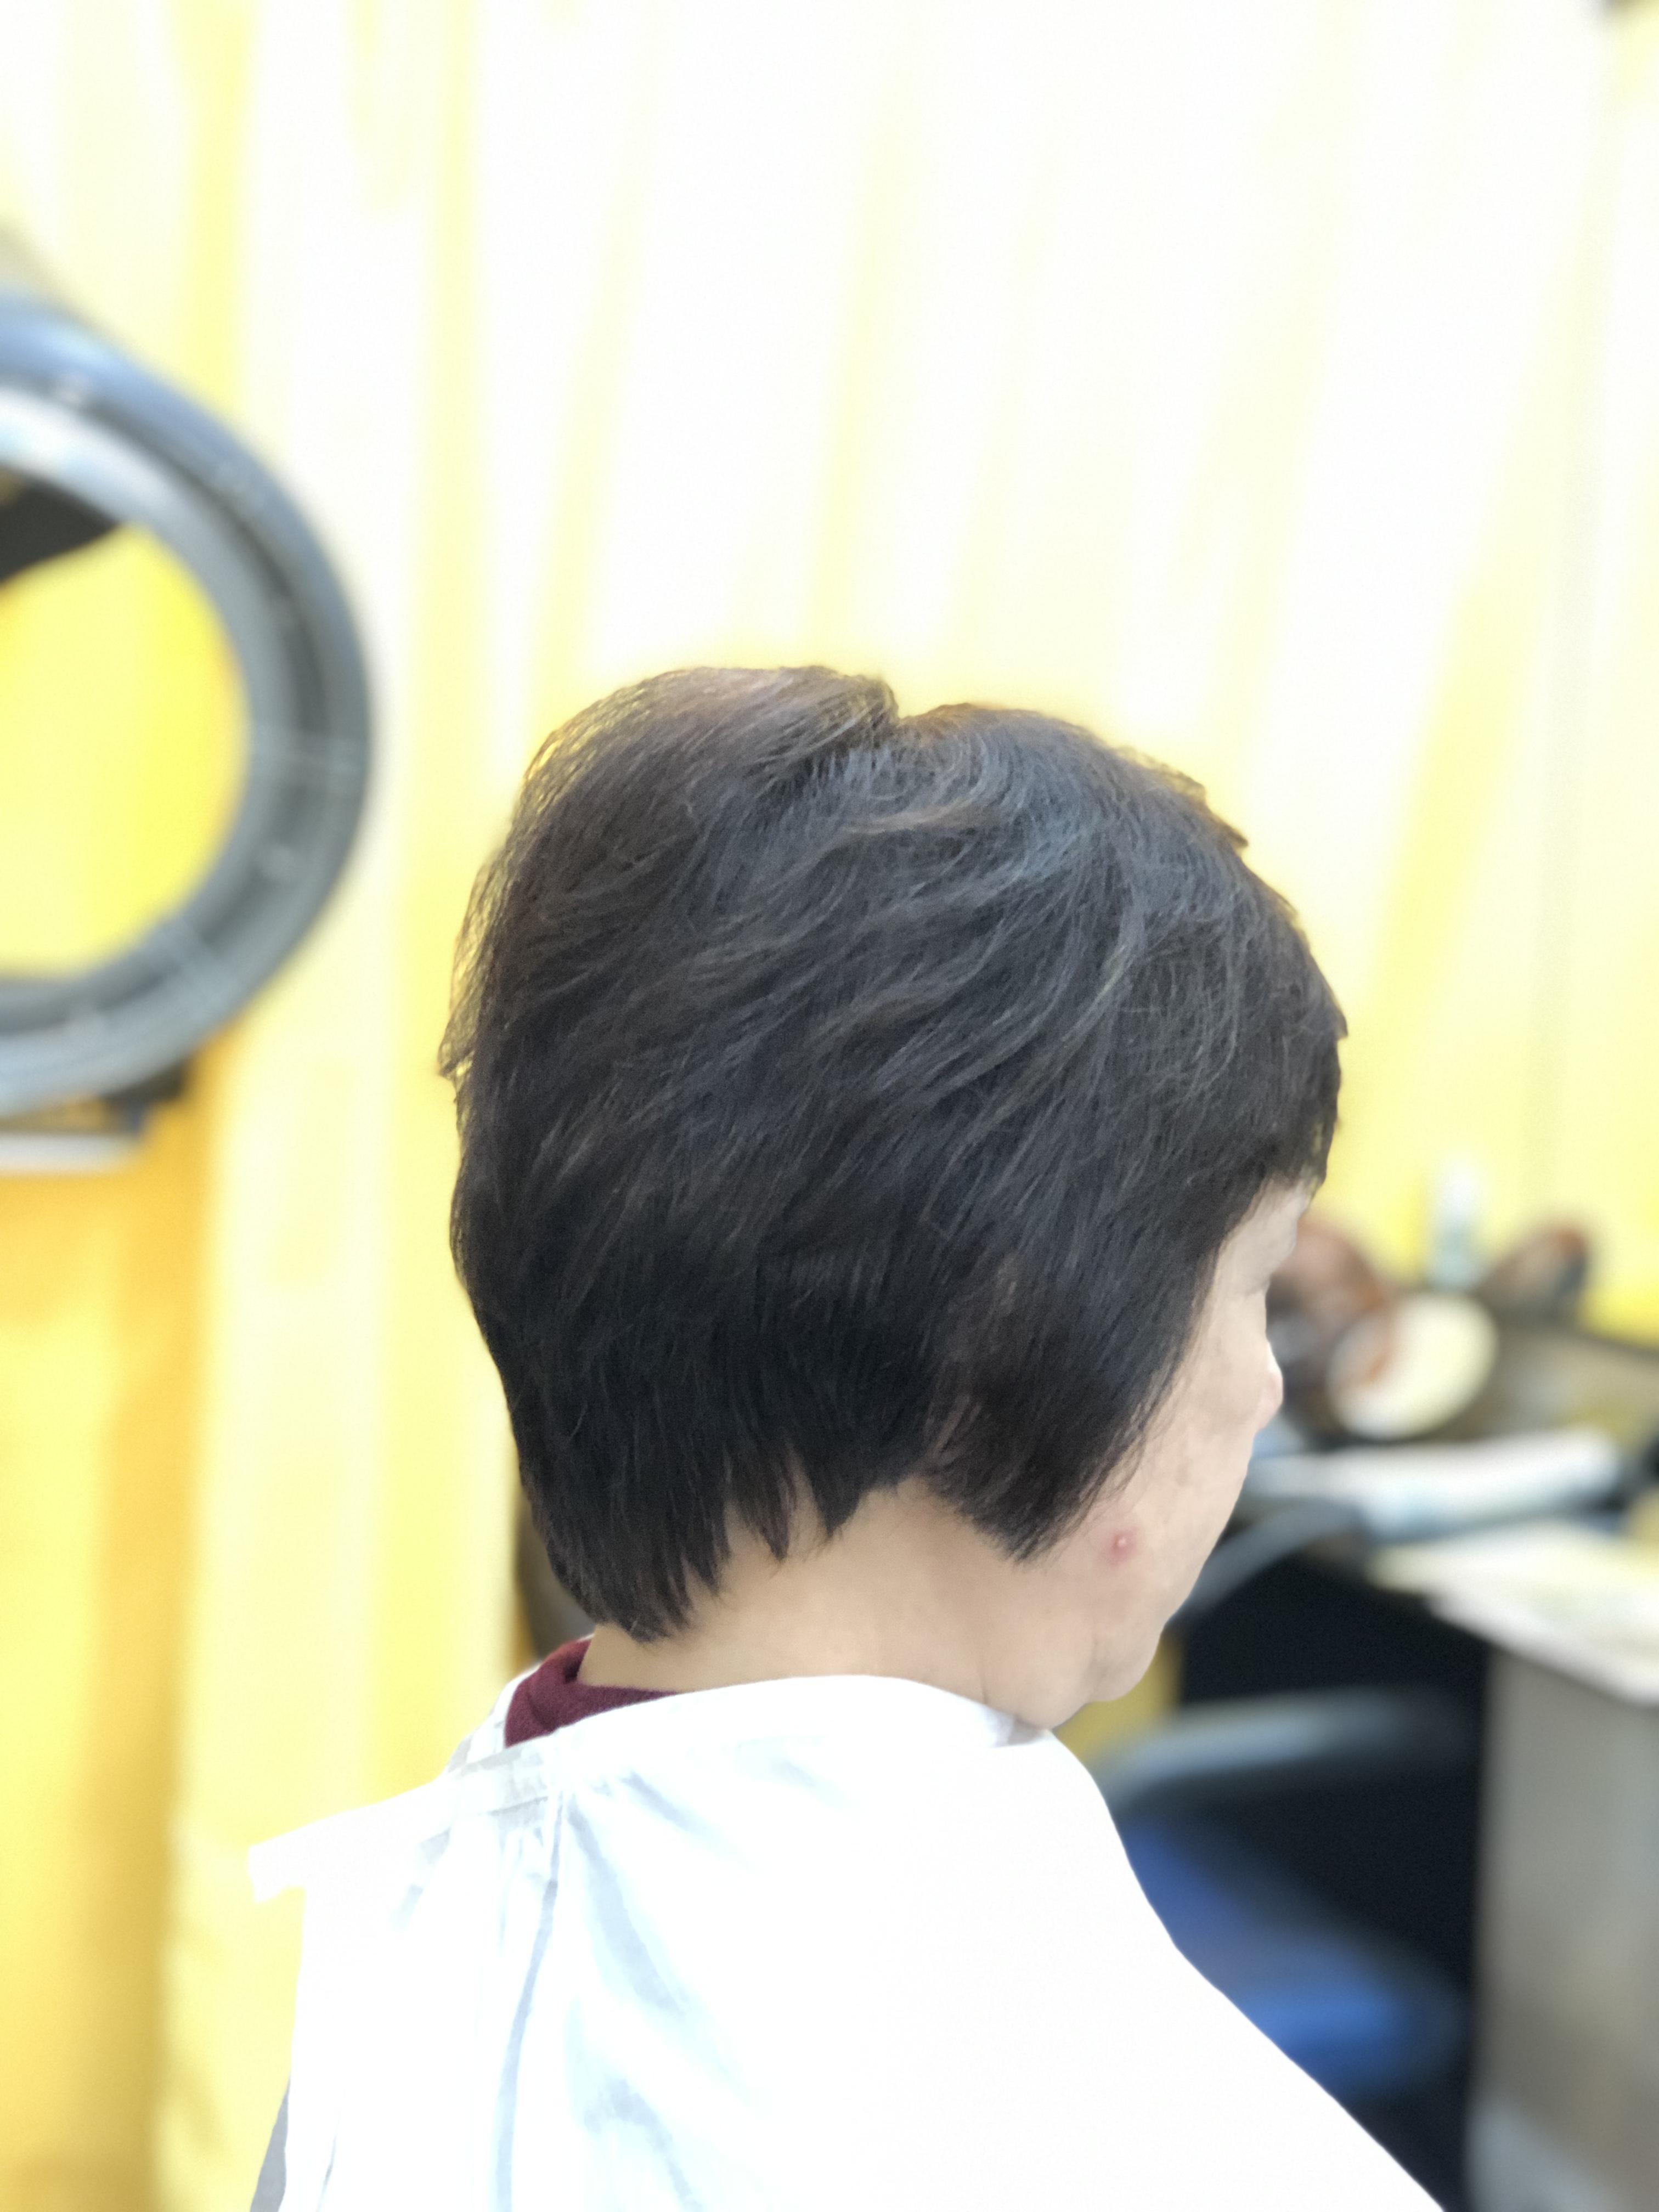 『なんだか髪の毛が増えたみたい』って言って頂けました。